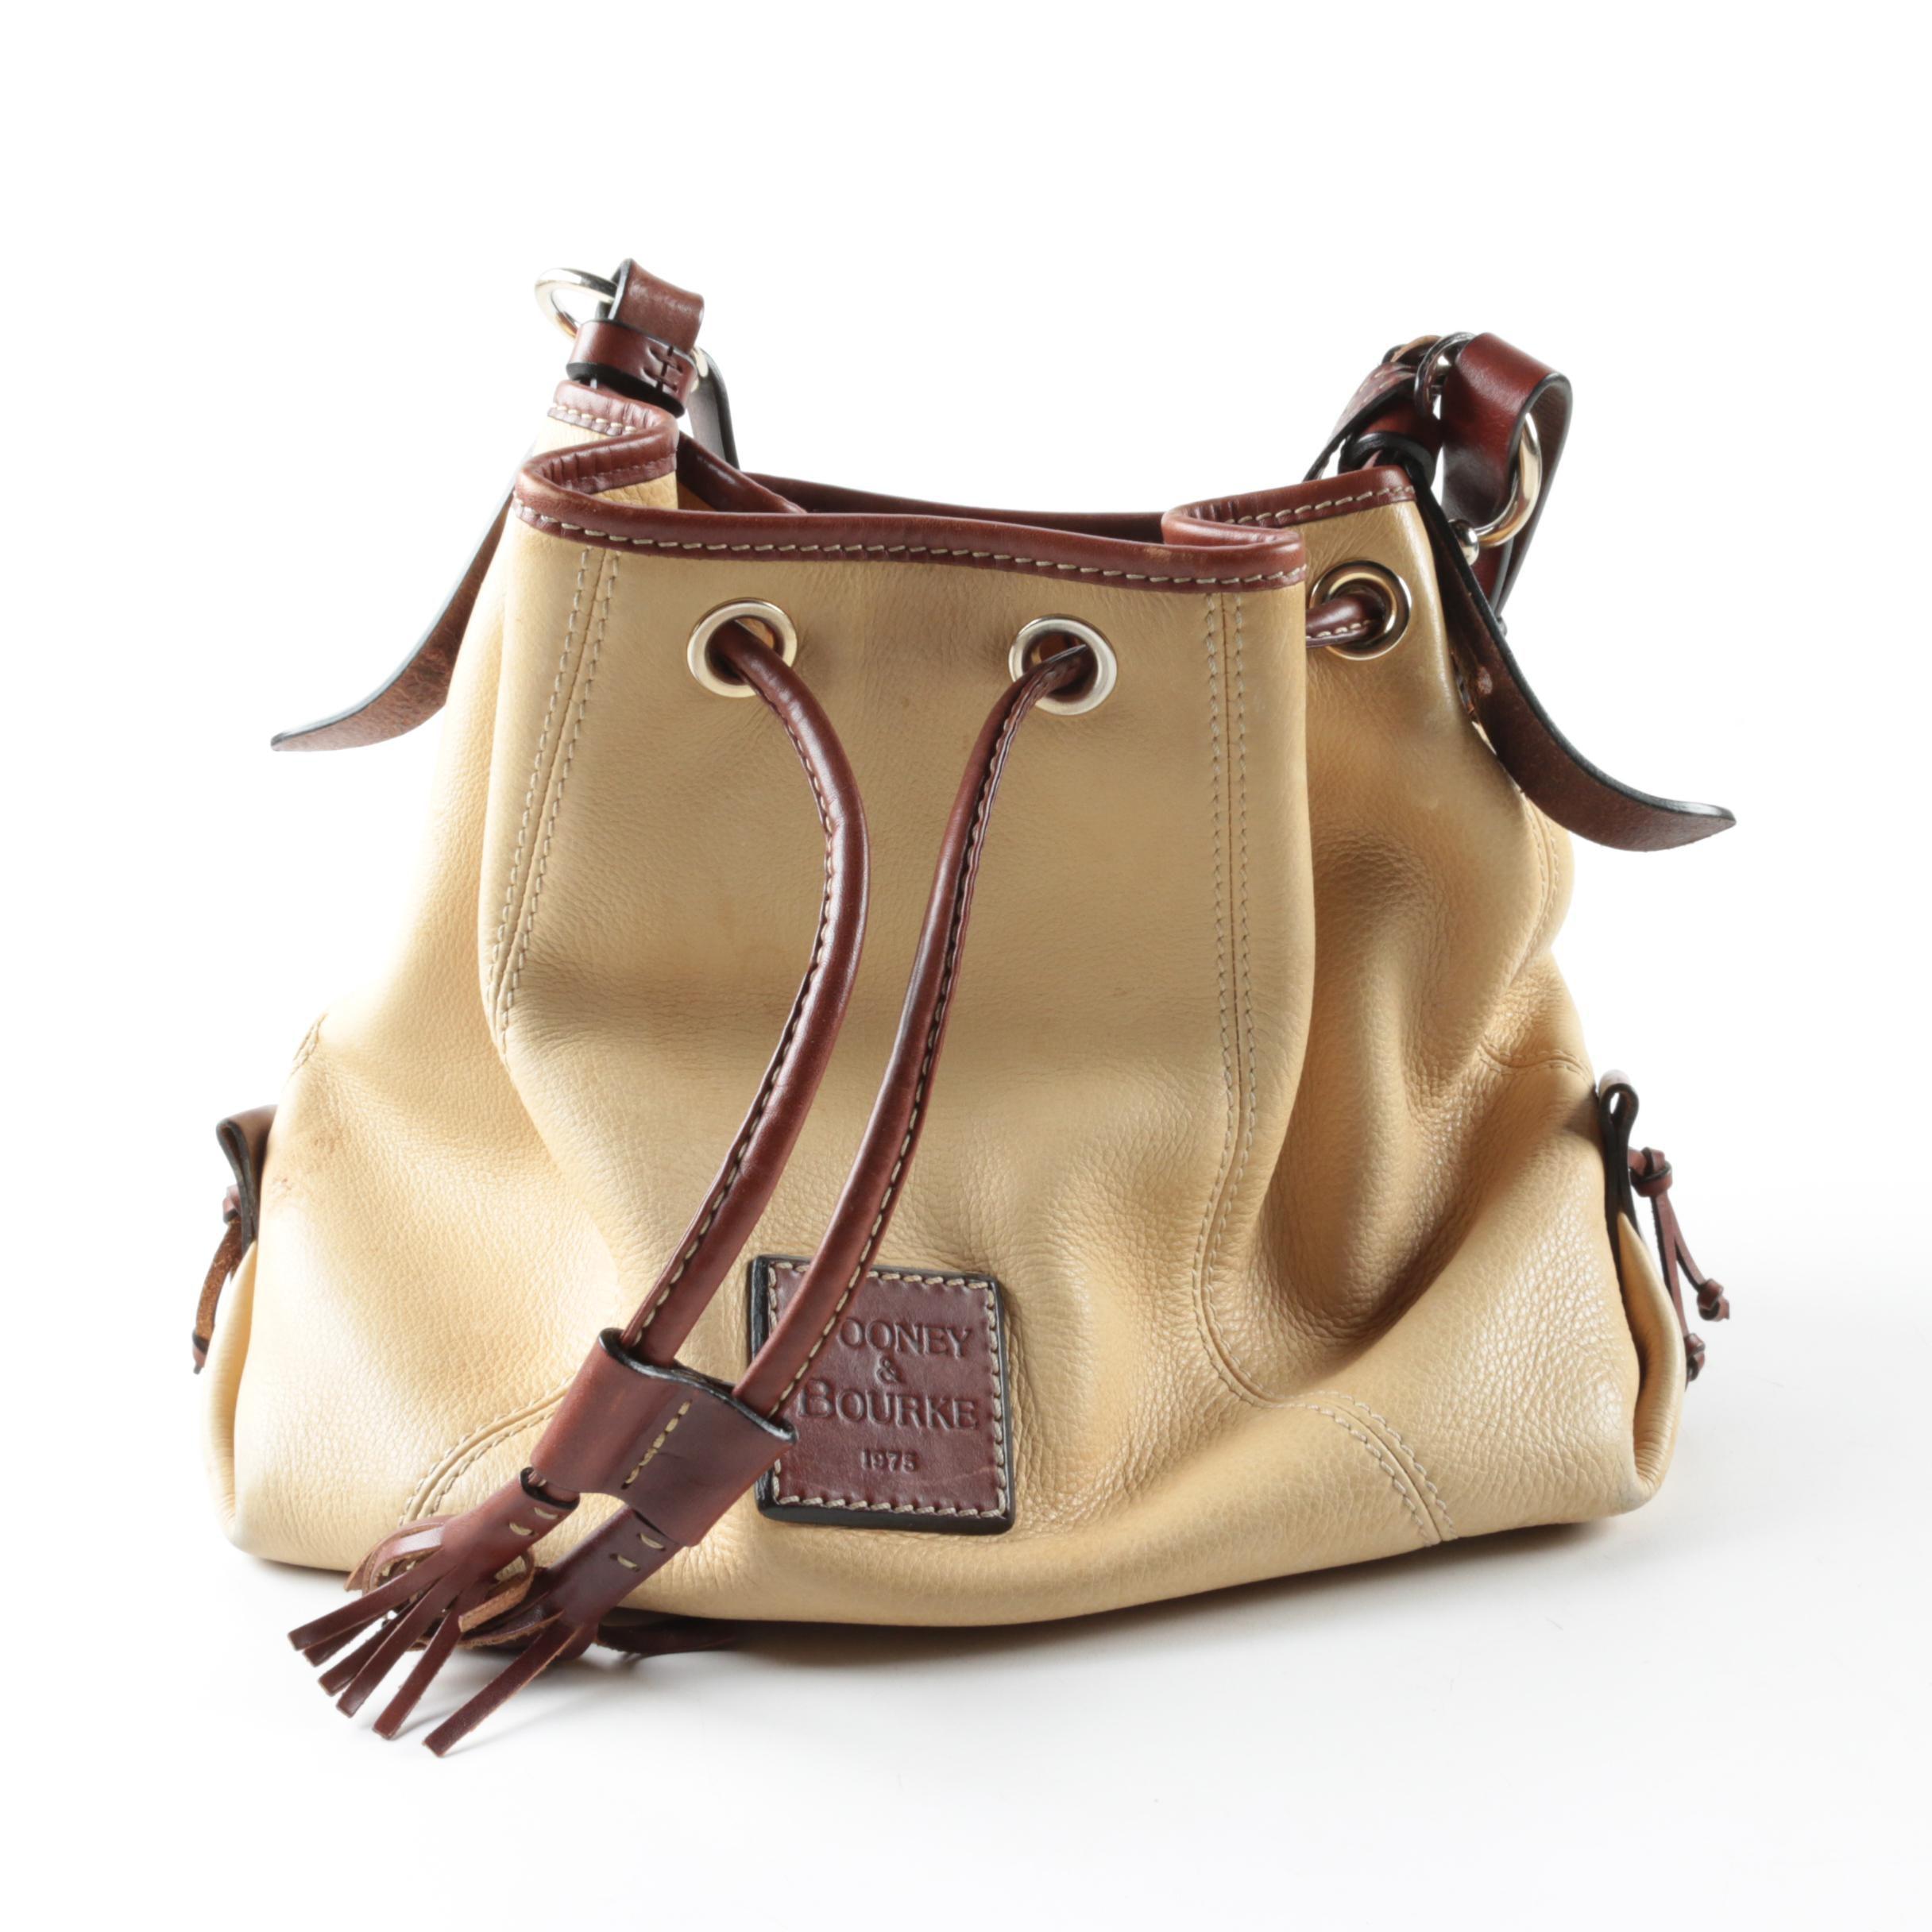 Dooney & Bourke Cream Leather Bucket Bag